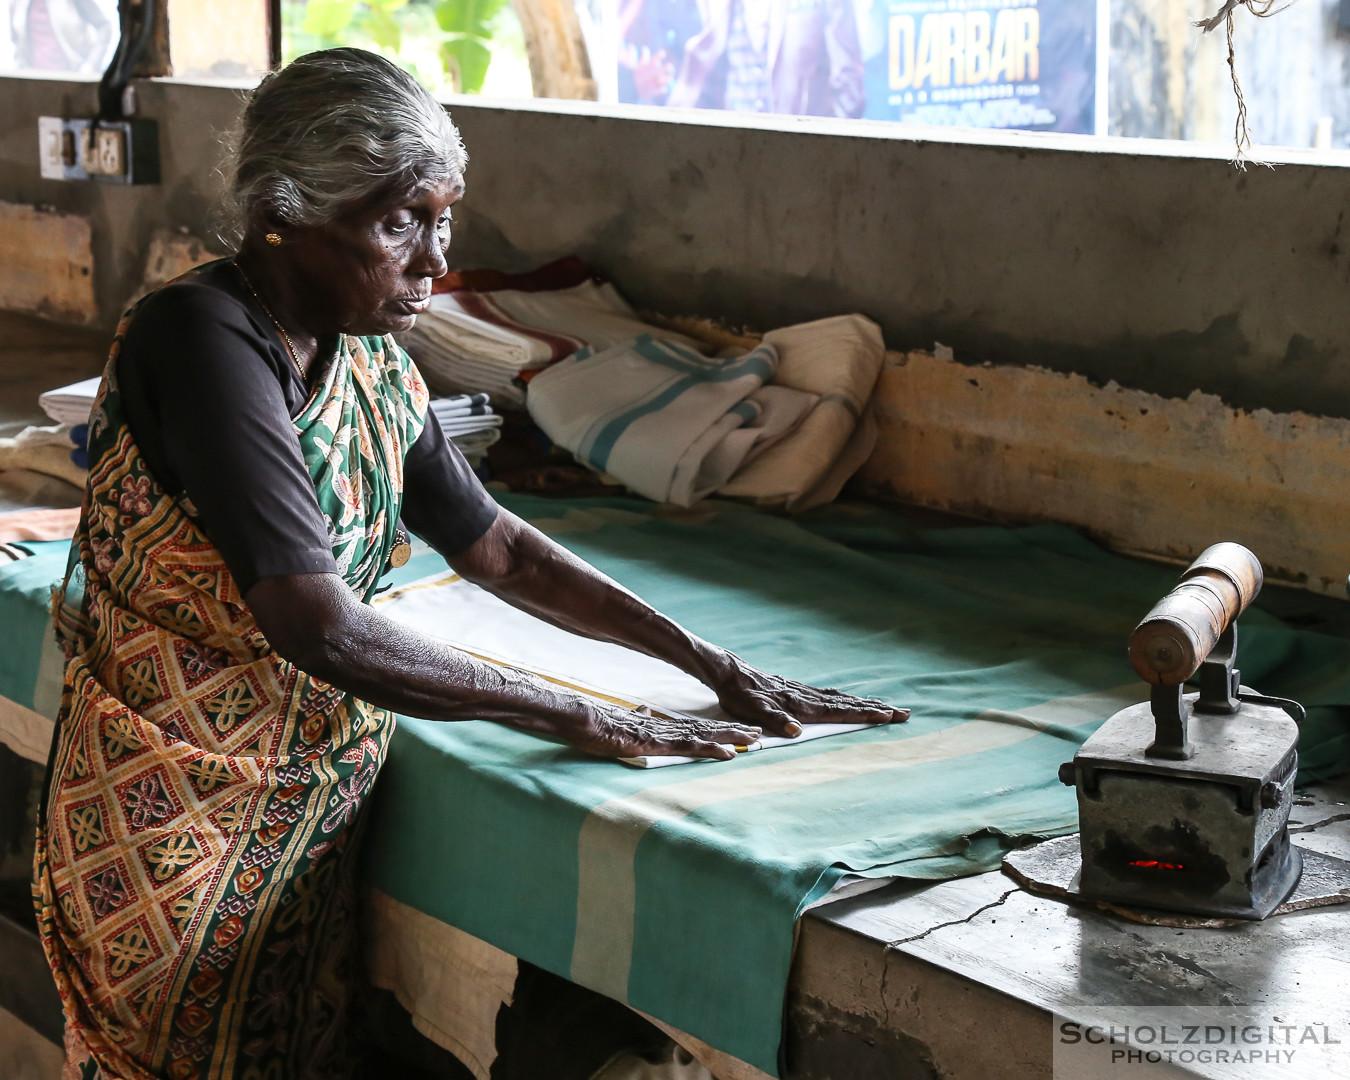 INDIEN – WÄSCHEREI IN KOCHI, Laundry